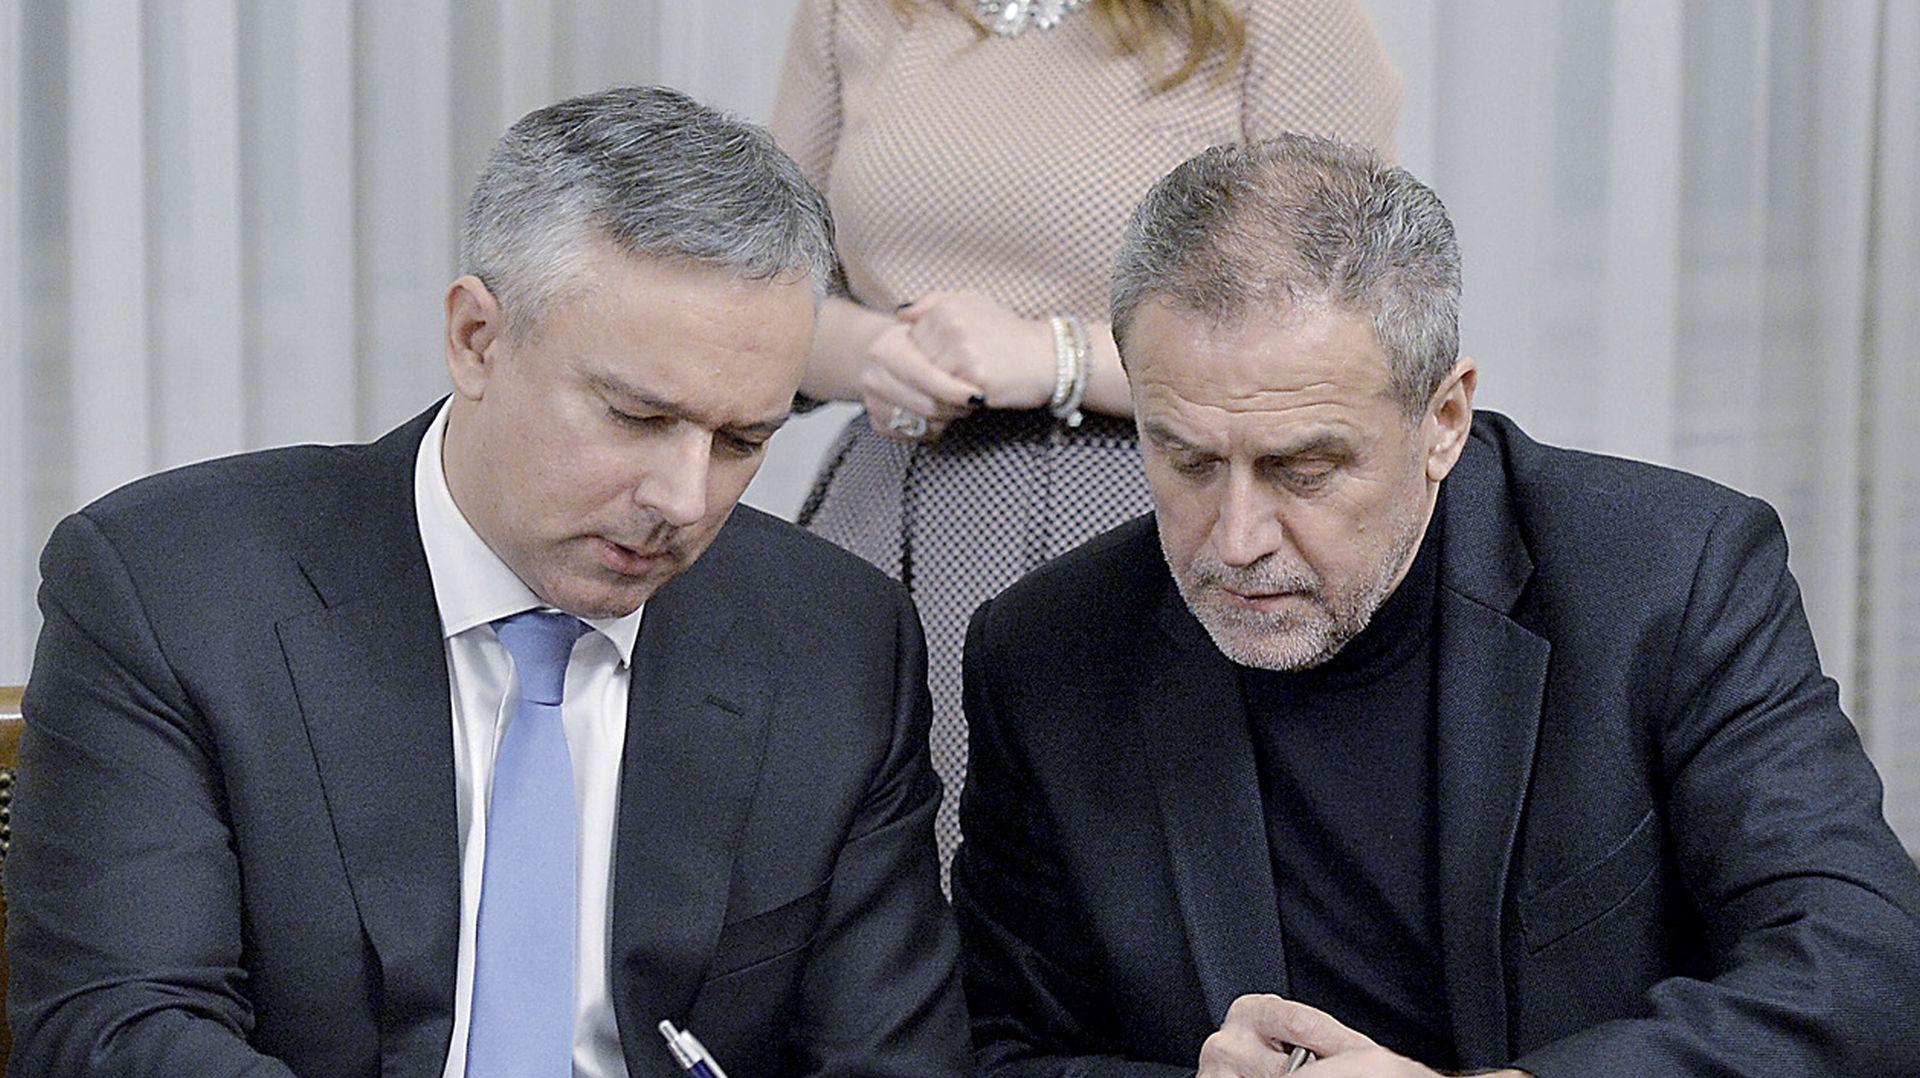 Dva SDP-ovca će podržati prijedloge Bandića i većine u ZG Skupštini